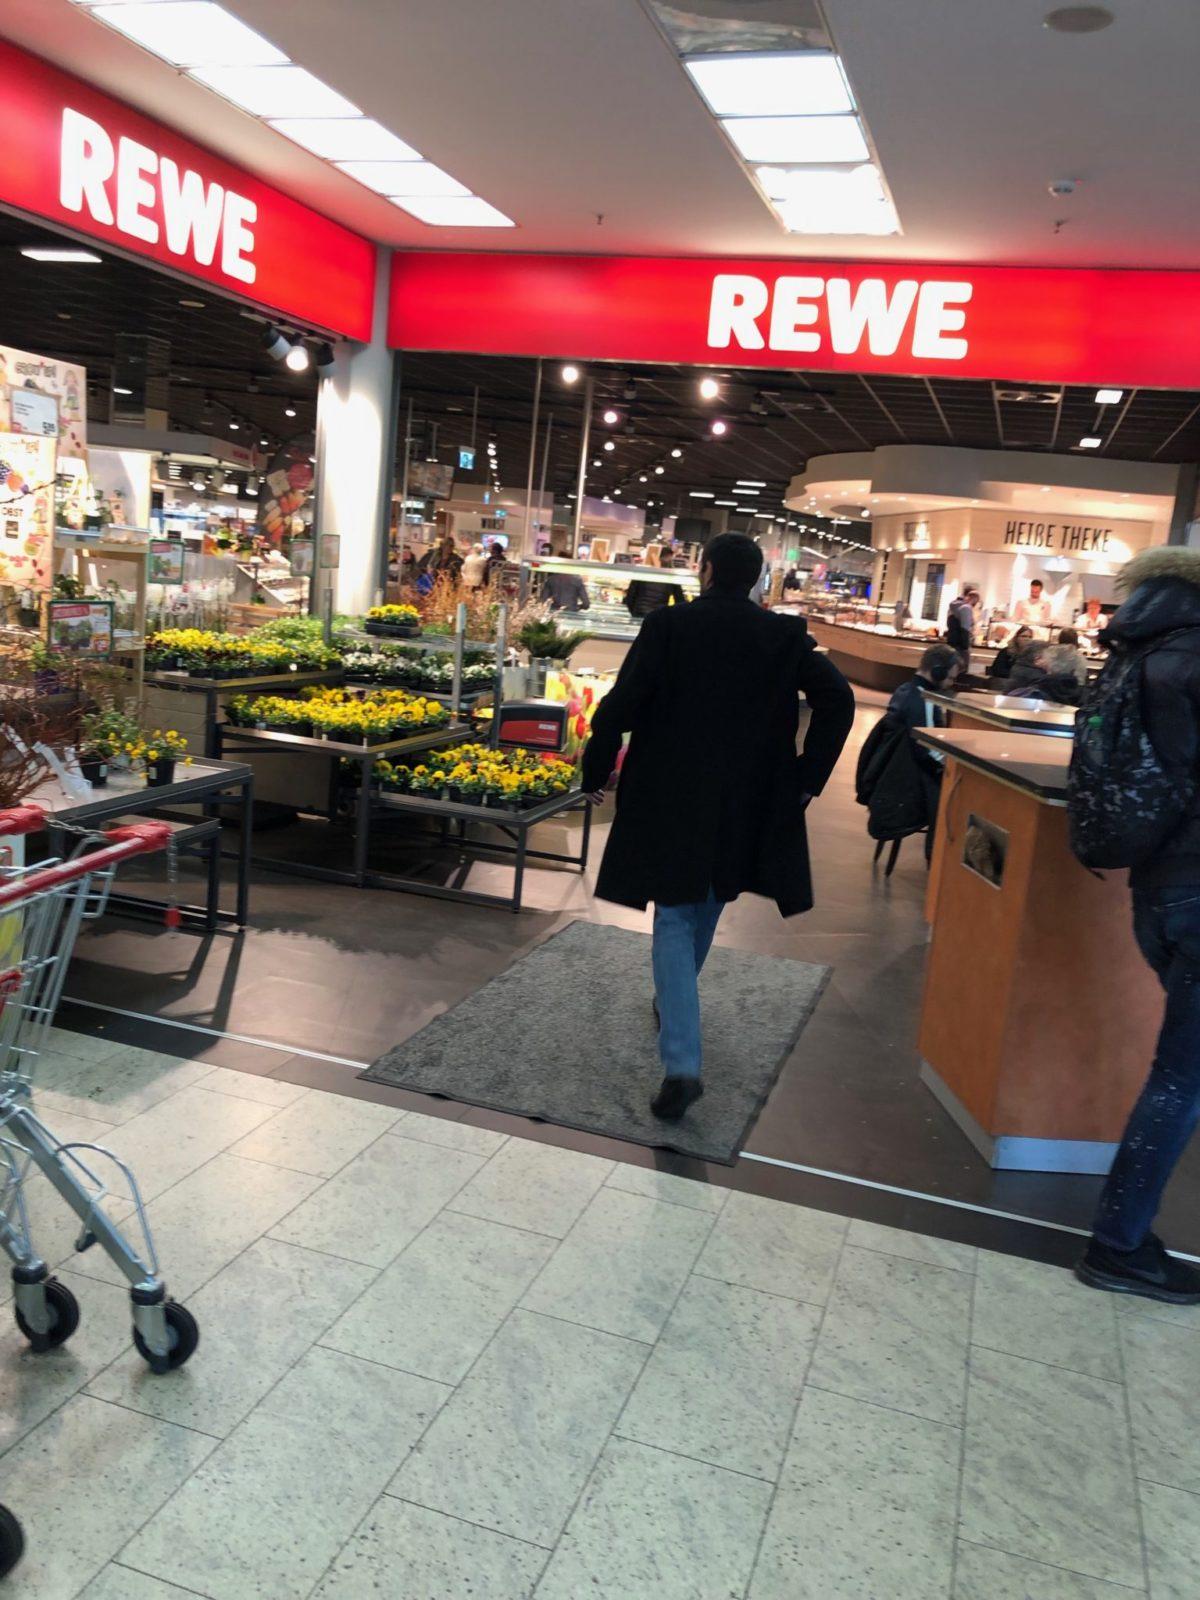 Rewe Frankfurt Angebote